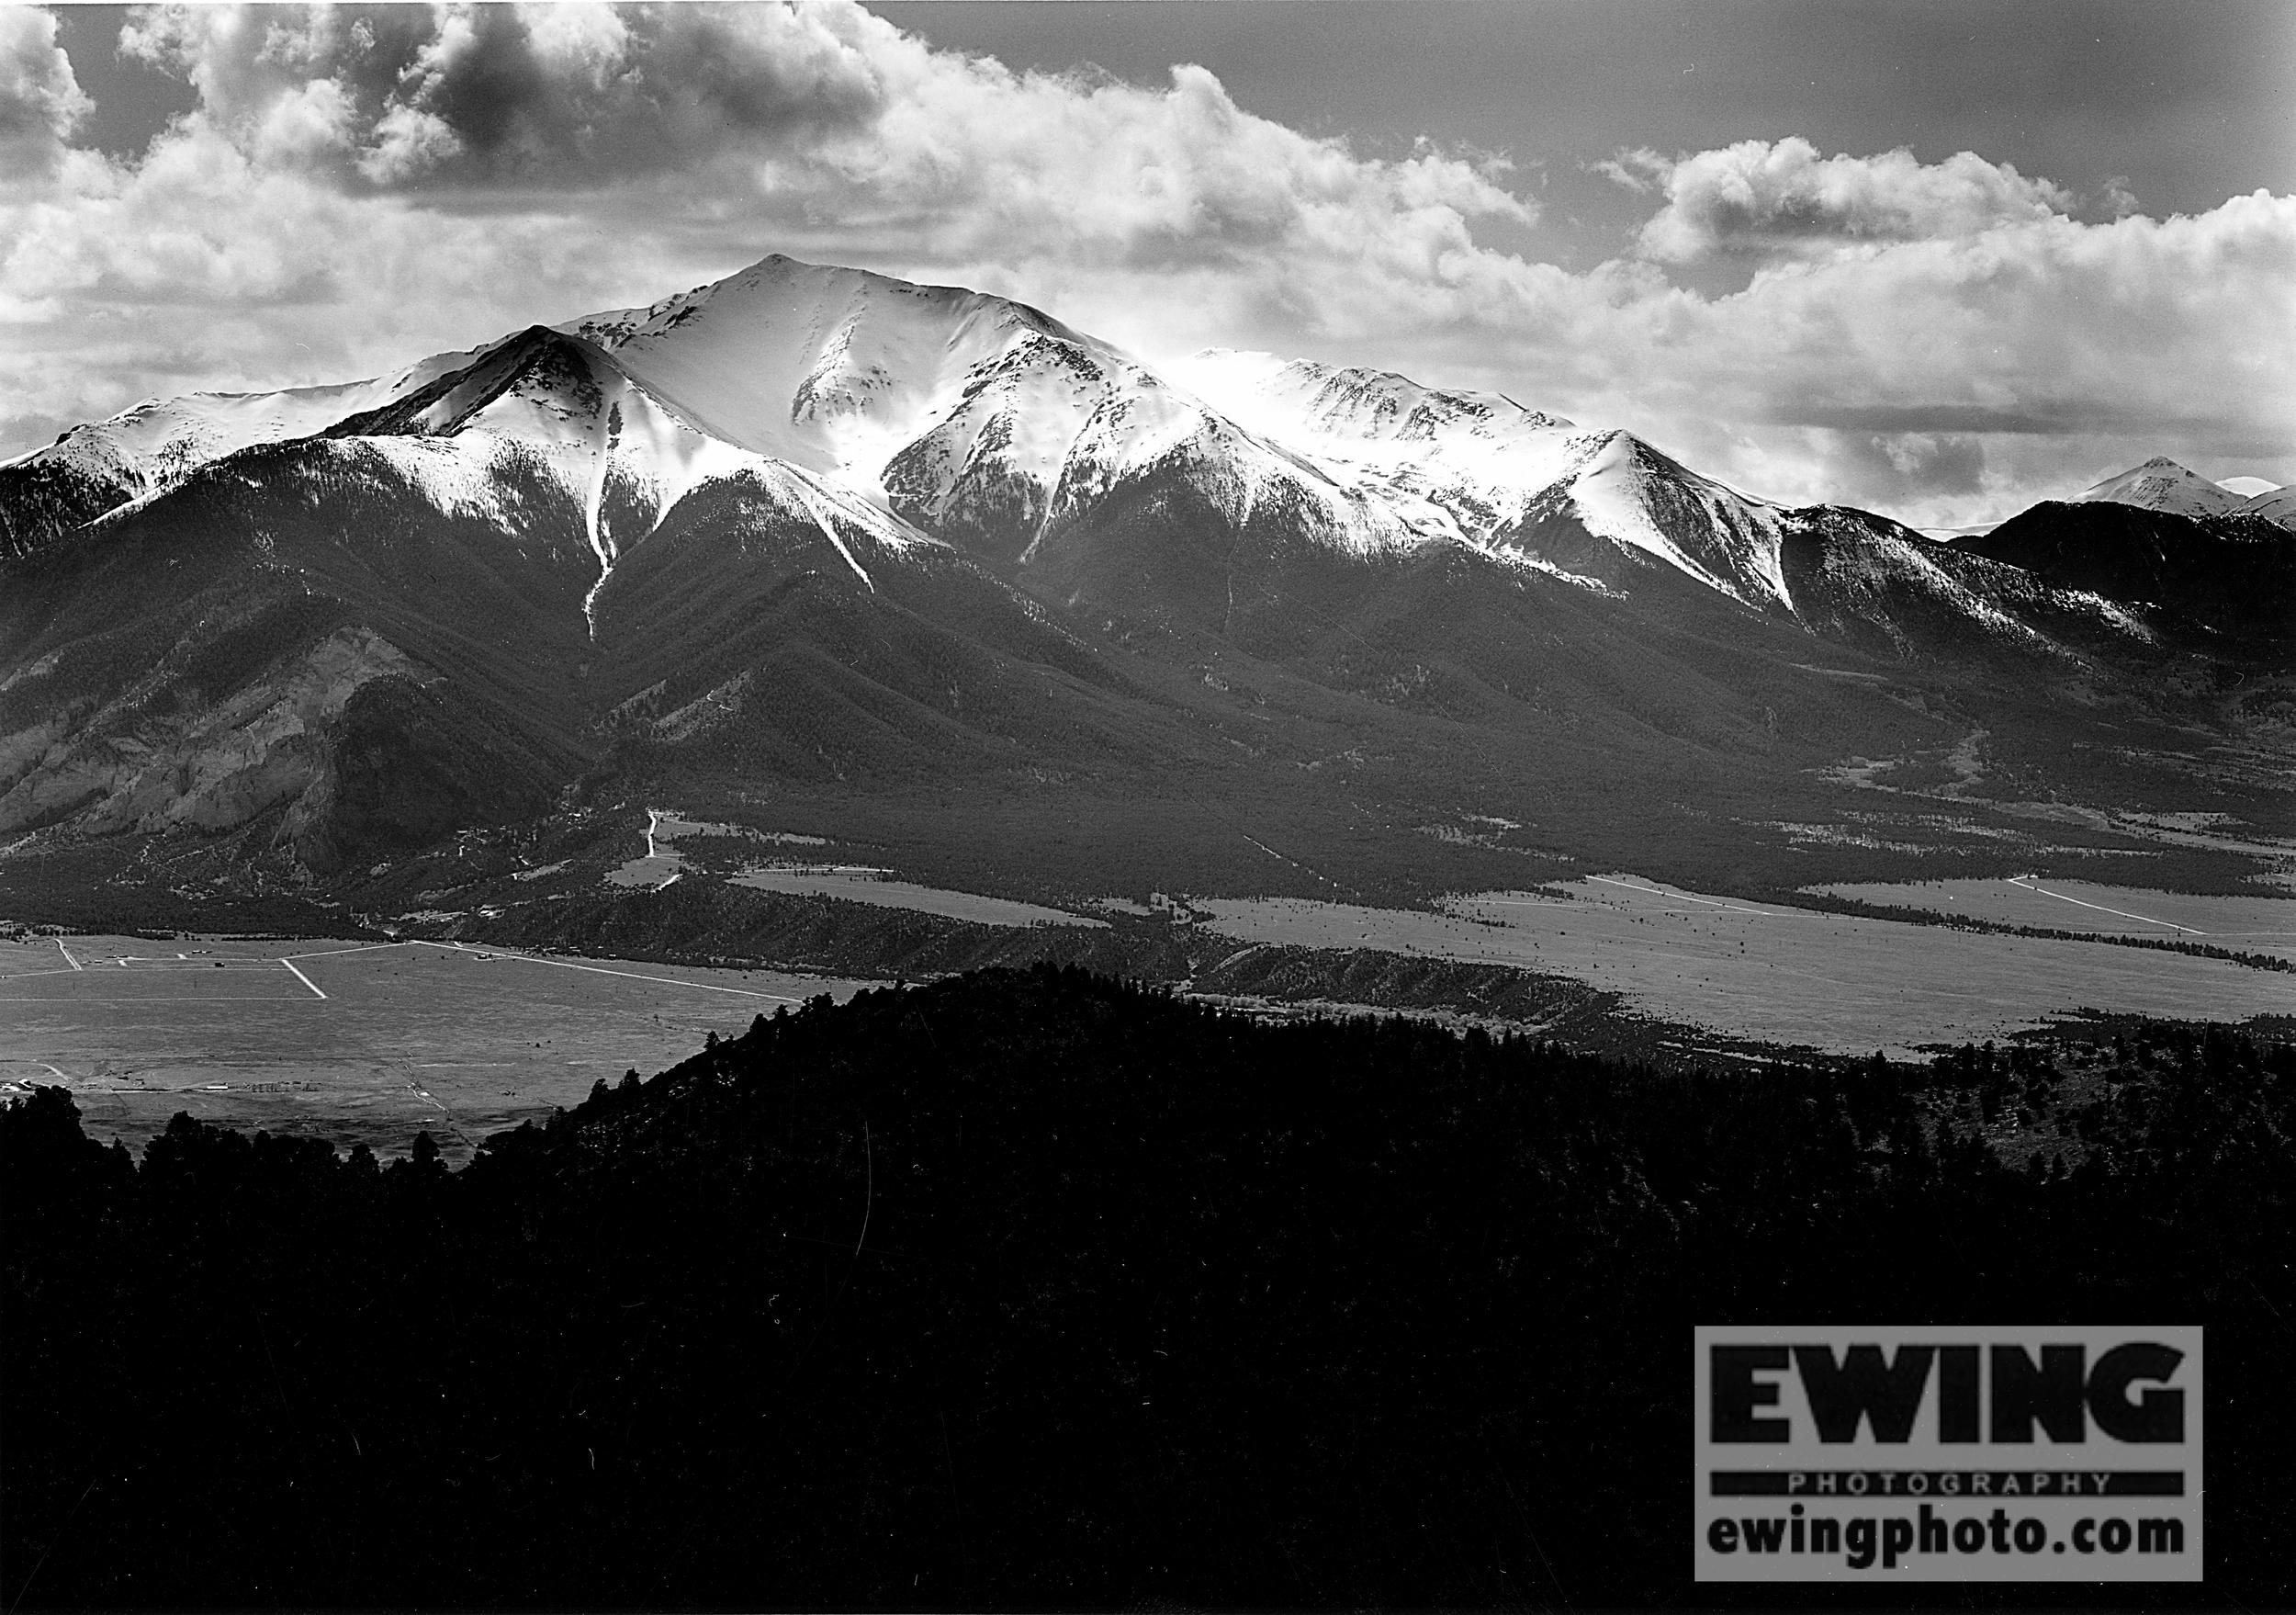 Mt. Princeton & The Collegiate Range Between Buena Vista & Salida, Colorado